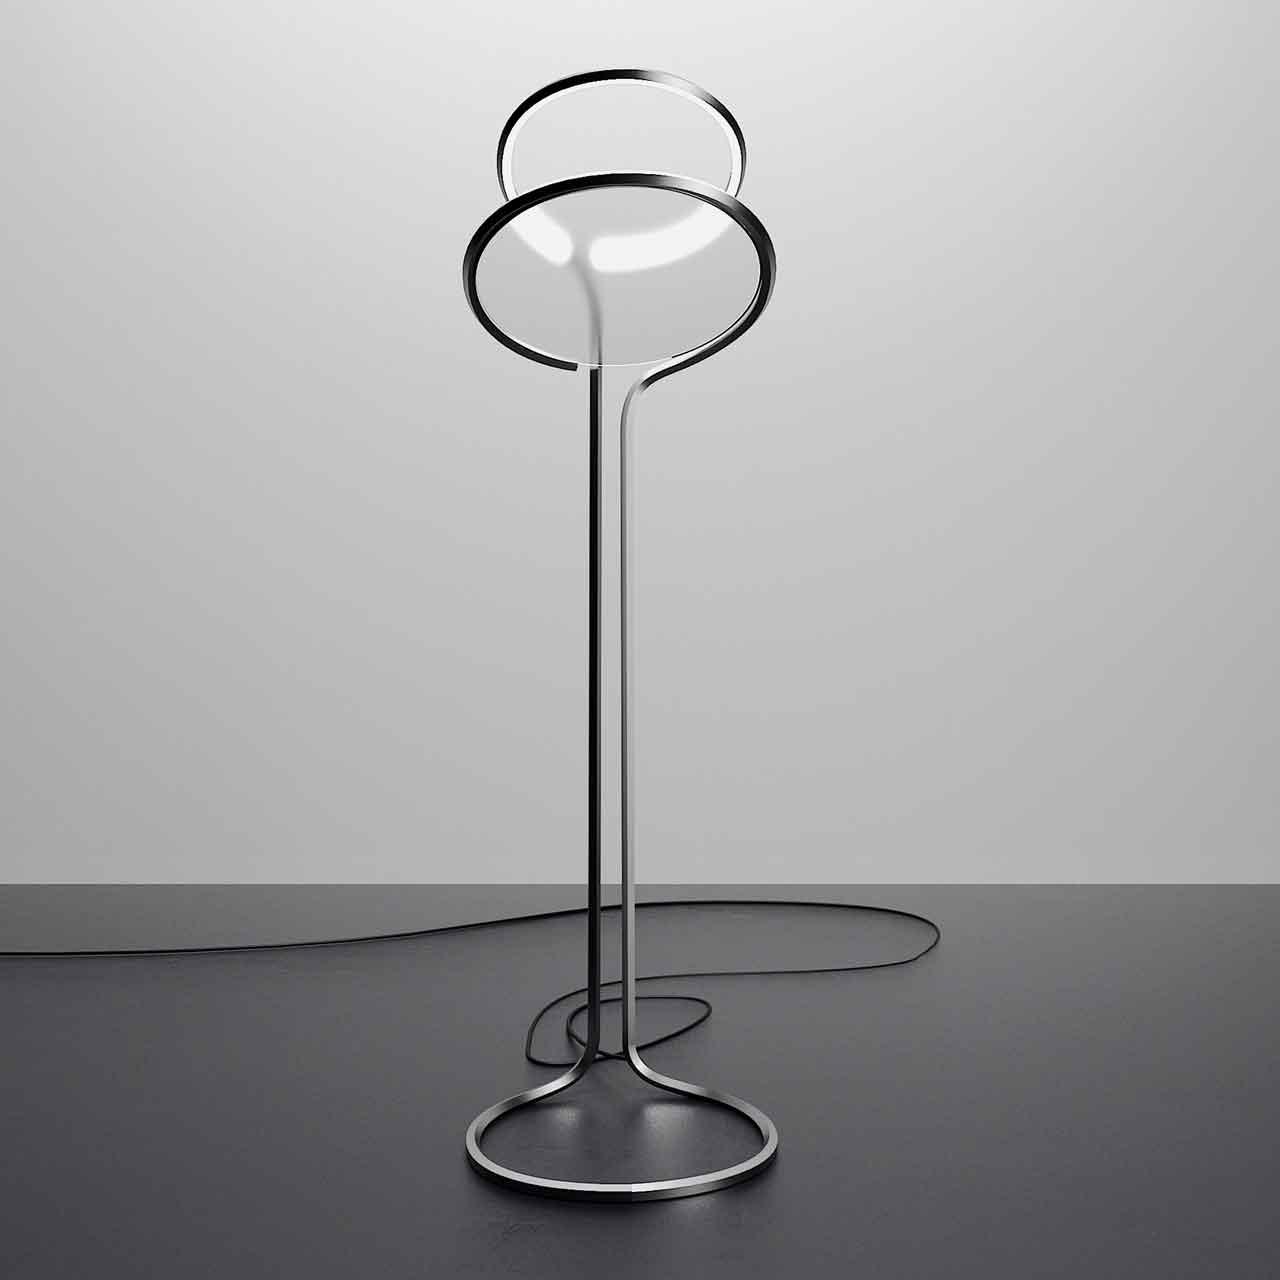 Удивительная эстетика света в дизайне торшера